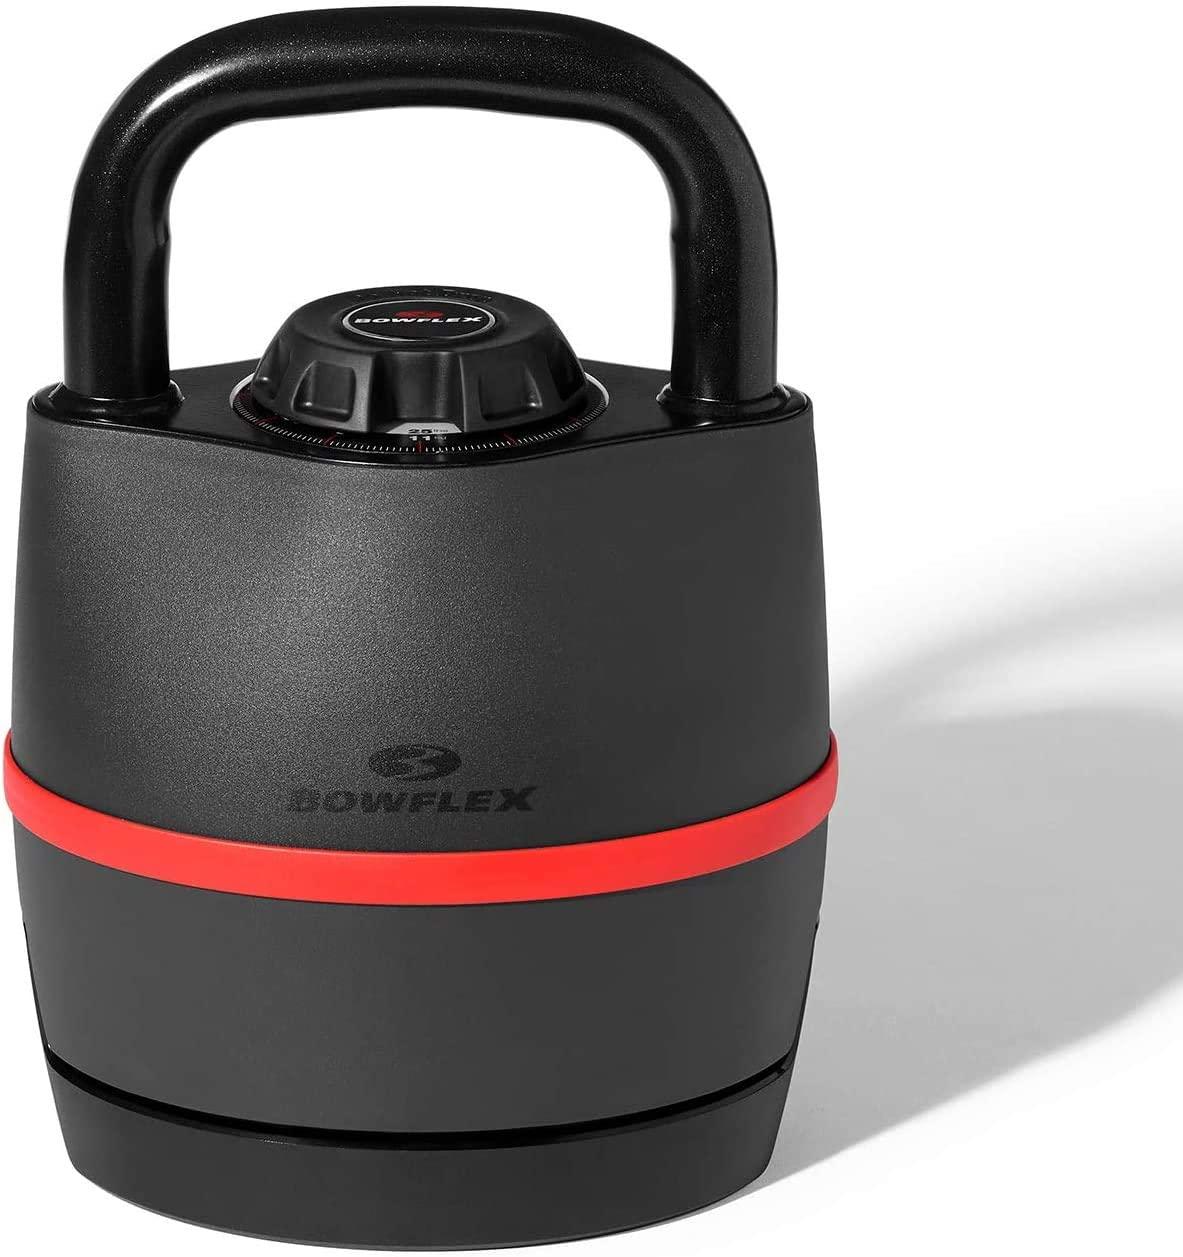 Bowflex SelectTech 840 Kettlebell, best weight sets